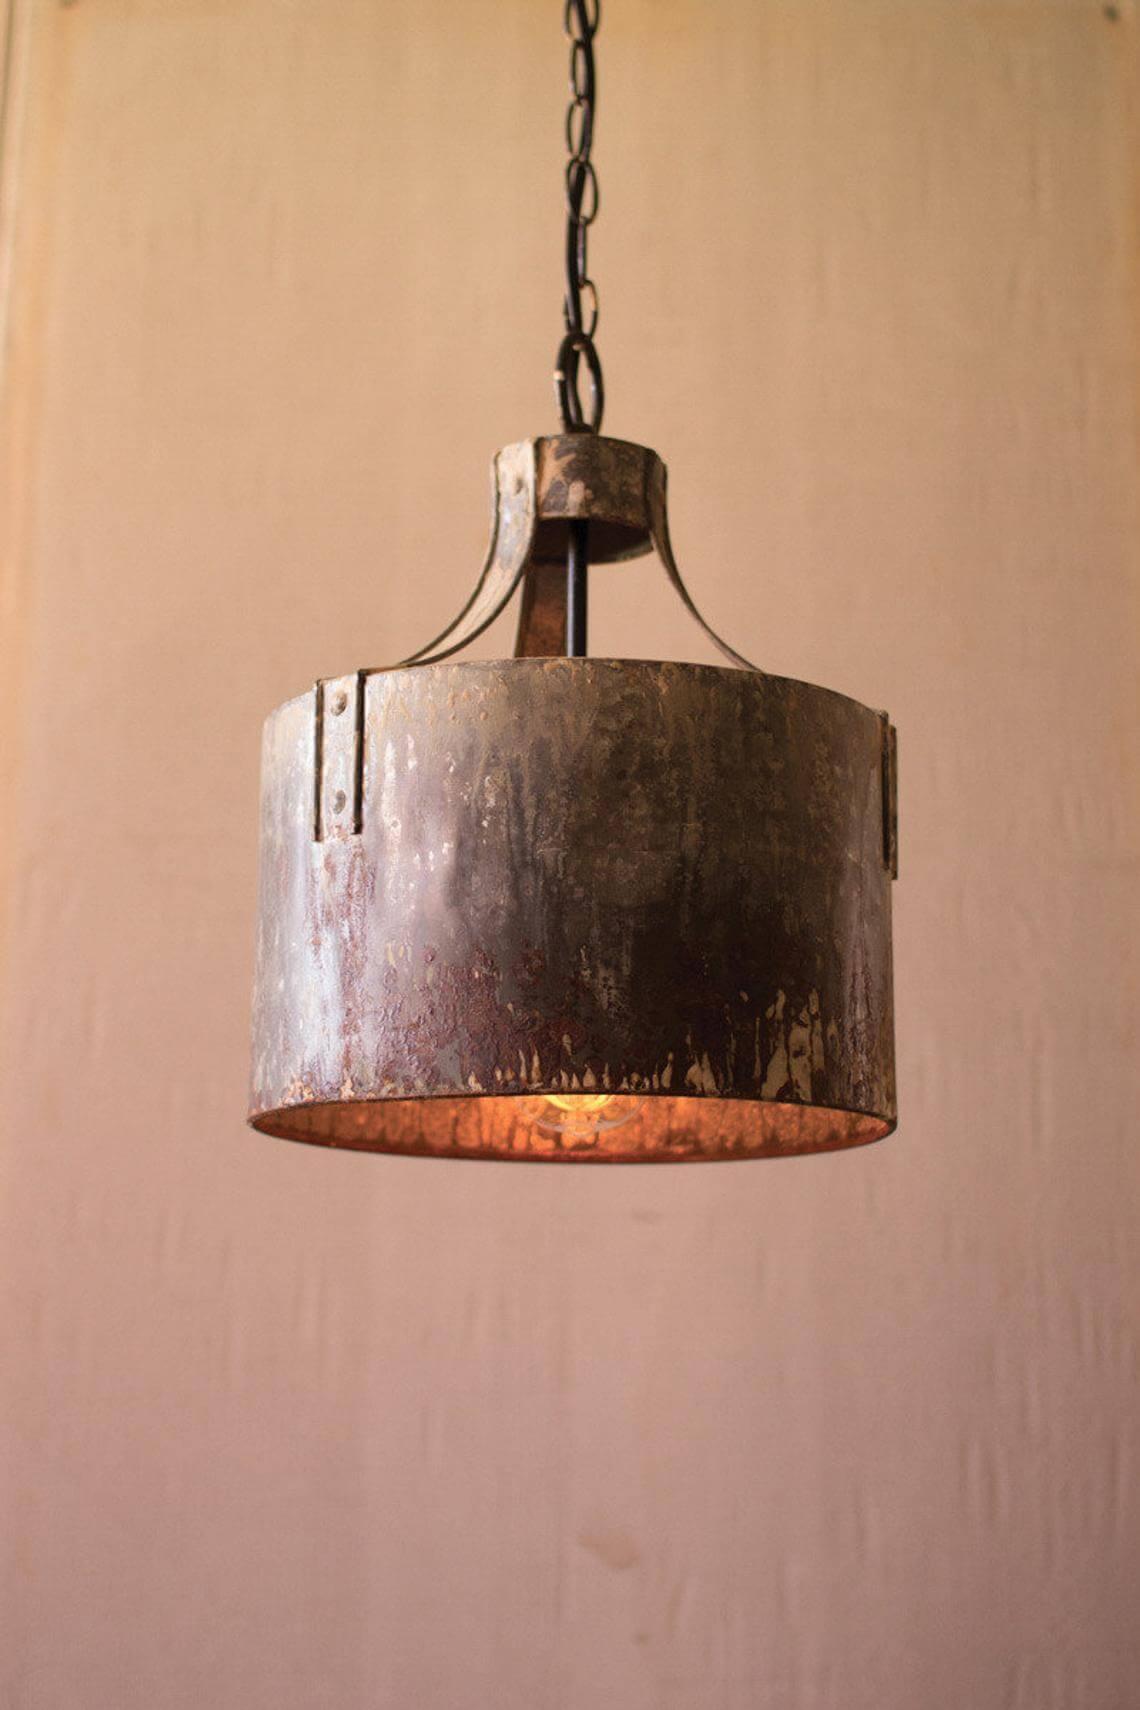 Vintage Cylinder Hanging Pendant Light